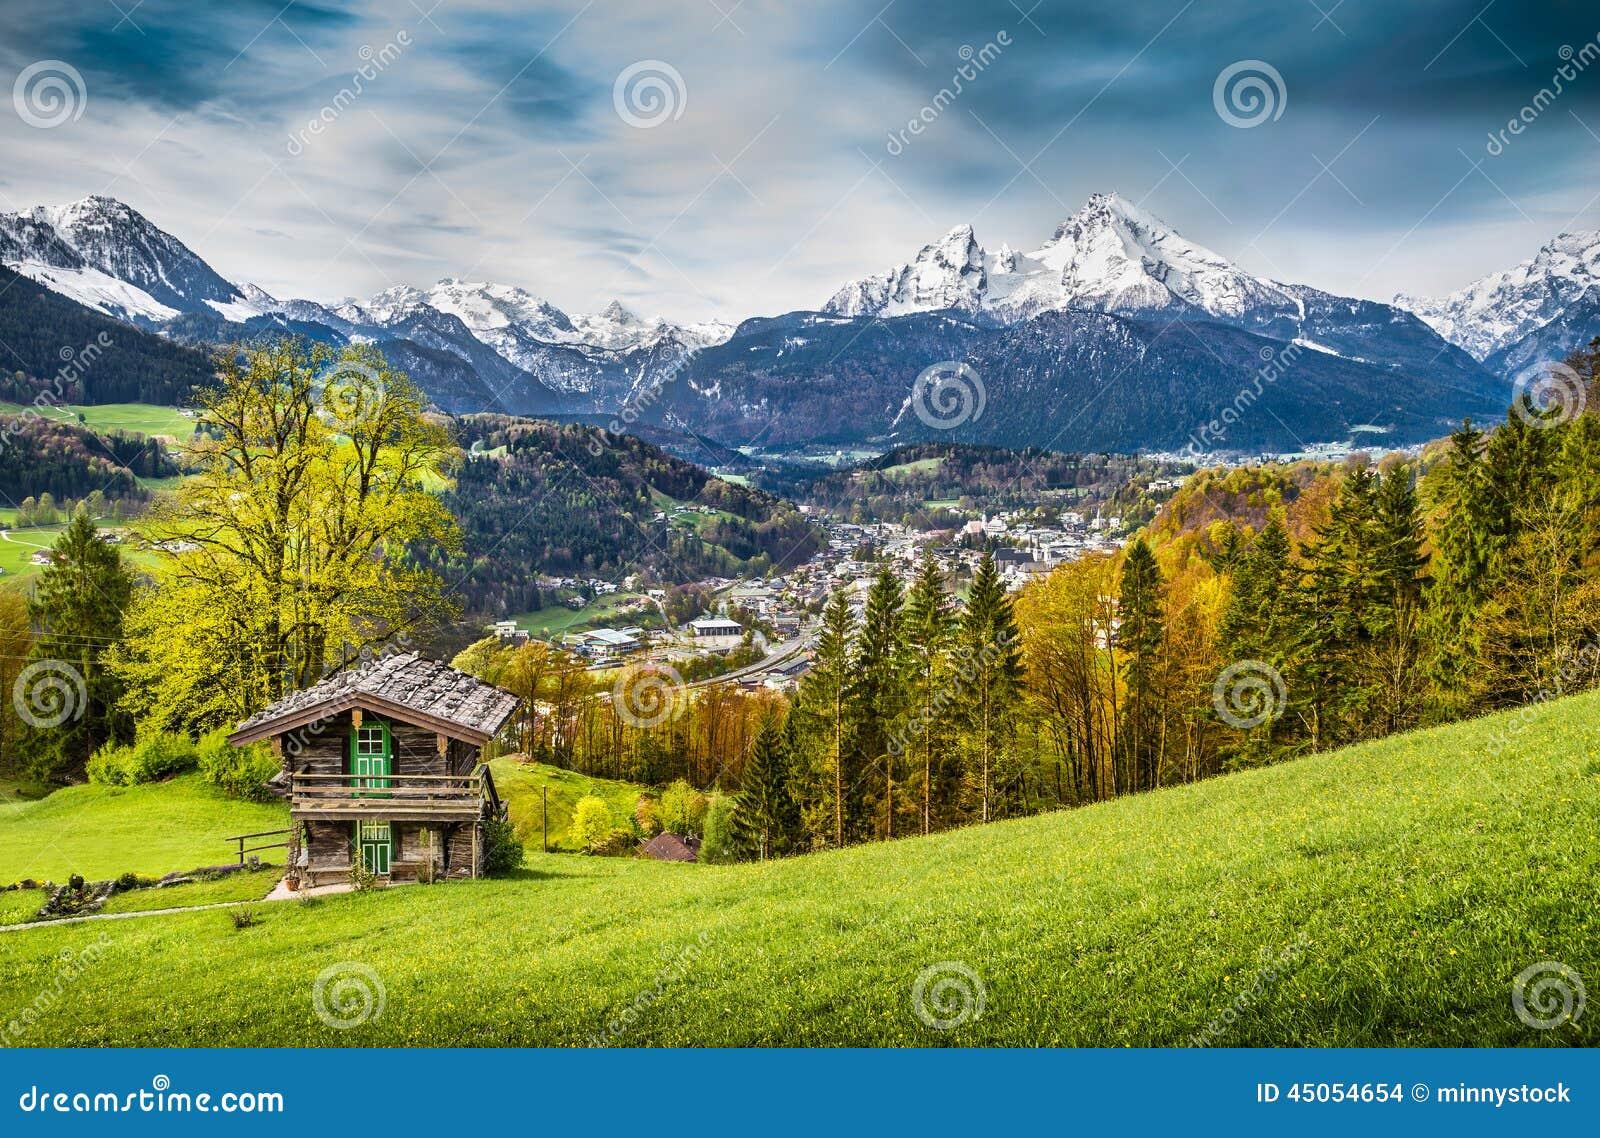 berglandschaft in den bayerischen alpen land nationalpark